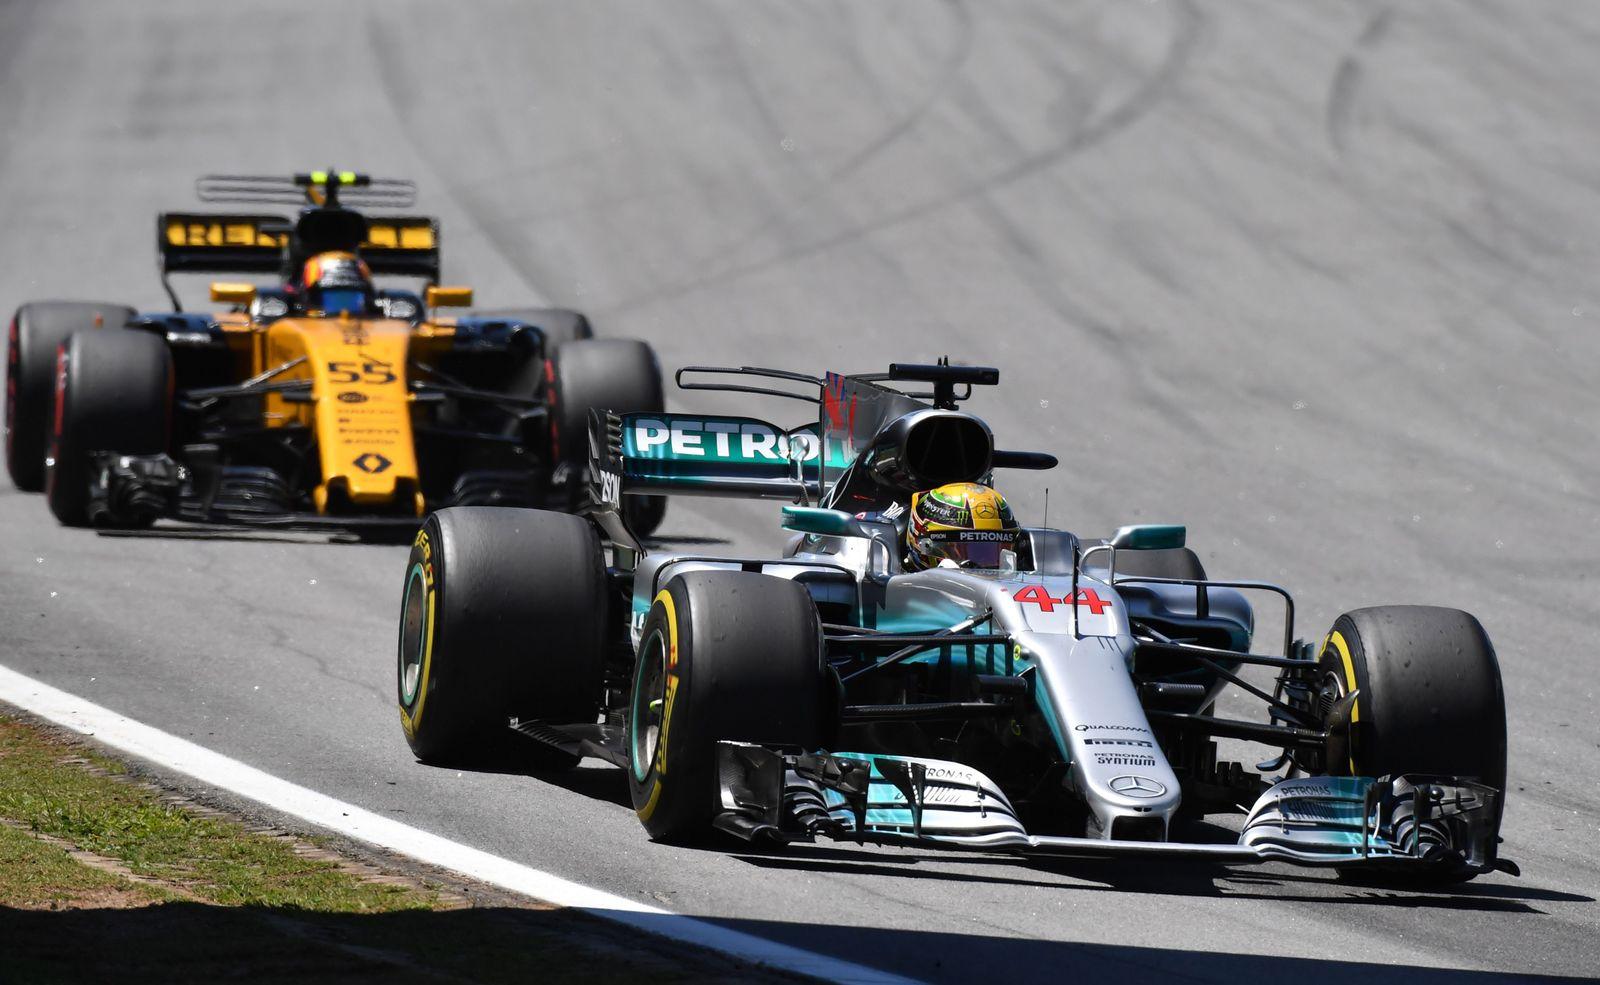 AUTO-PRIX-F1-BRA-RACE